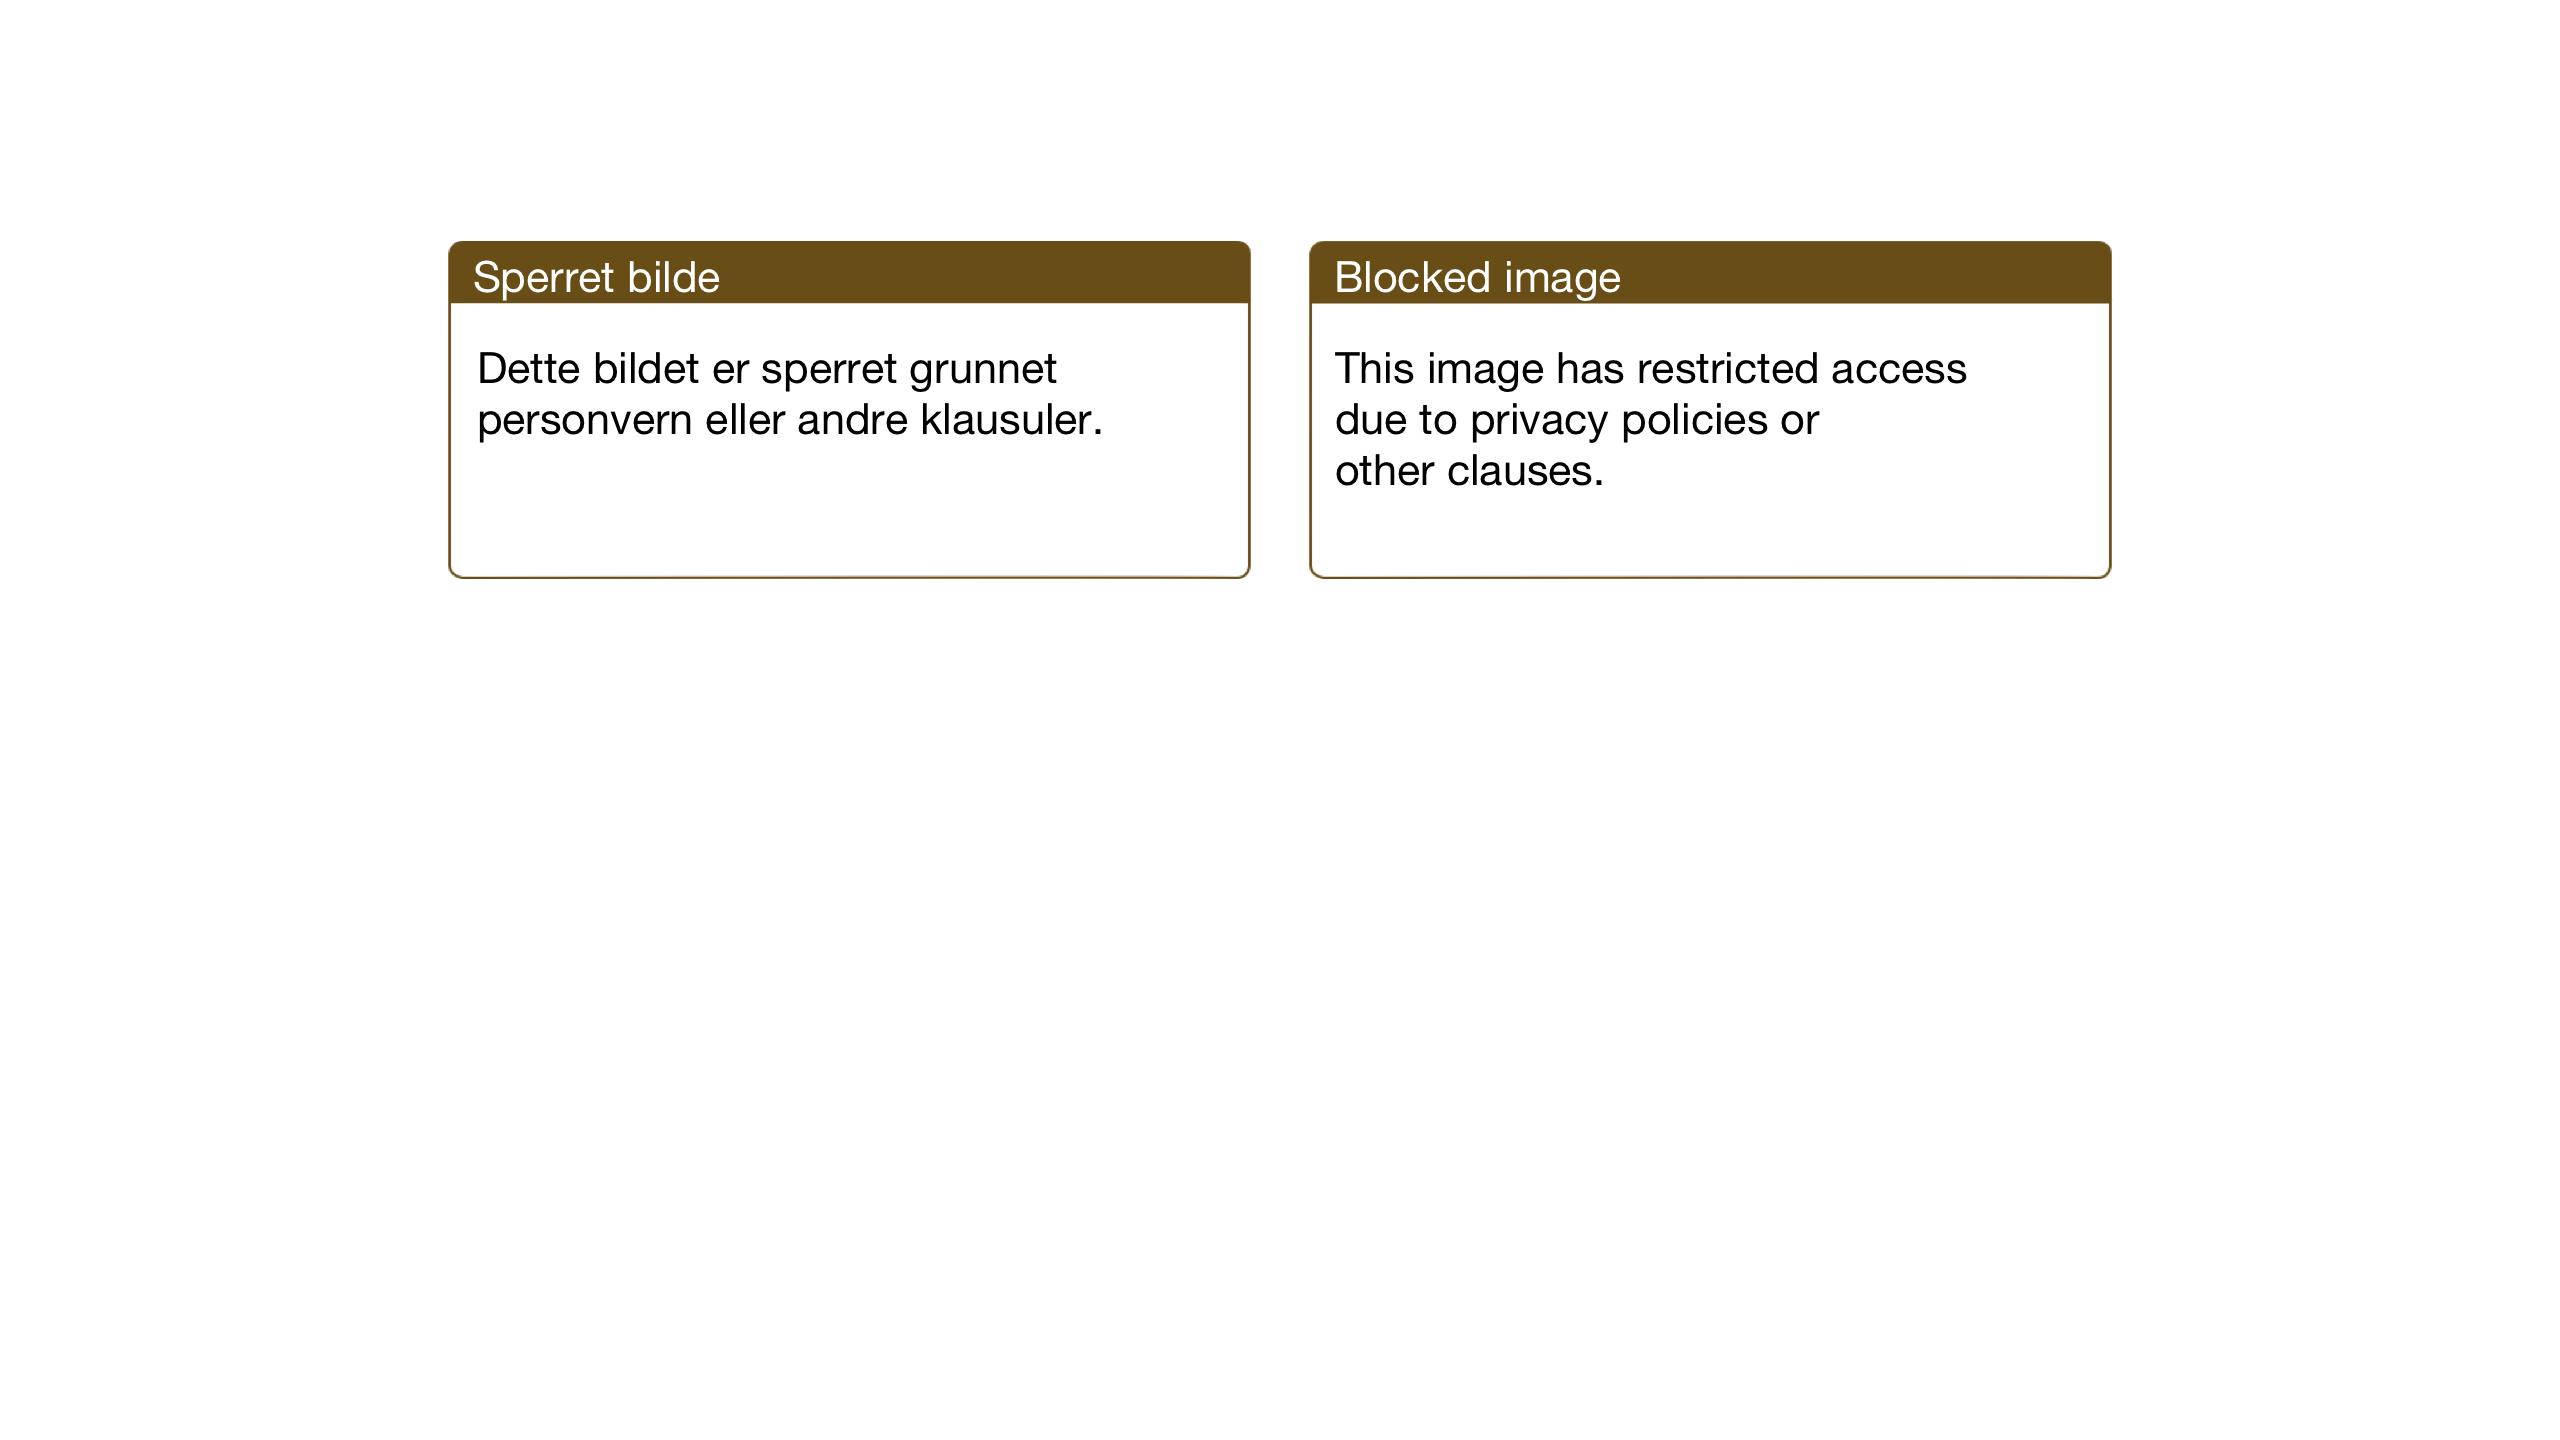 SAT, Ministerialprotokoller, klokkerbøker og fødselsregistre - Sør-Trøndelag, 689/L1045: Klokkerbok nr. 689C04, 1923-1940, s. 138